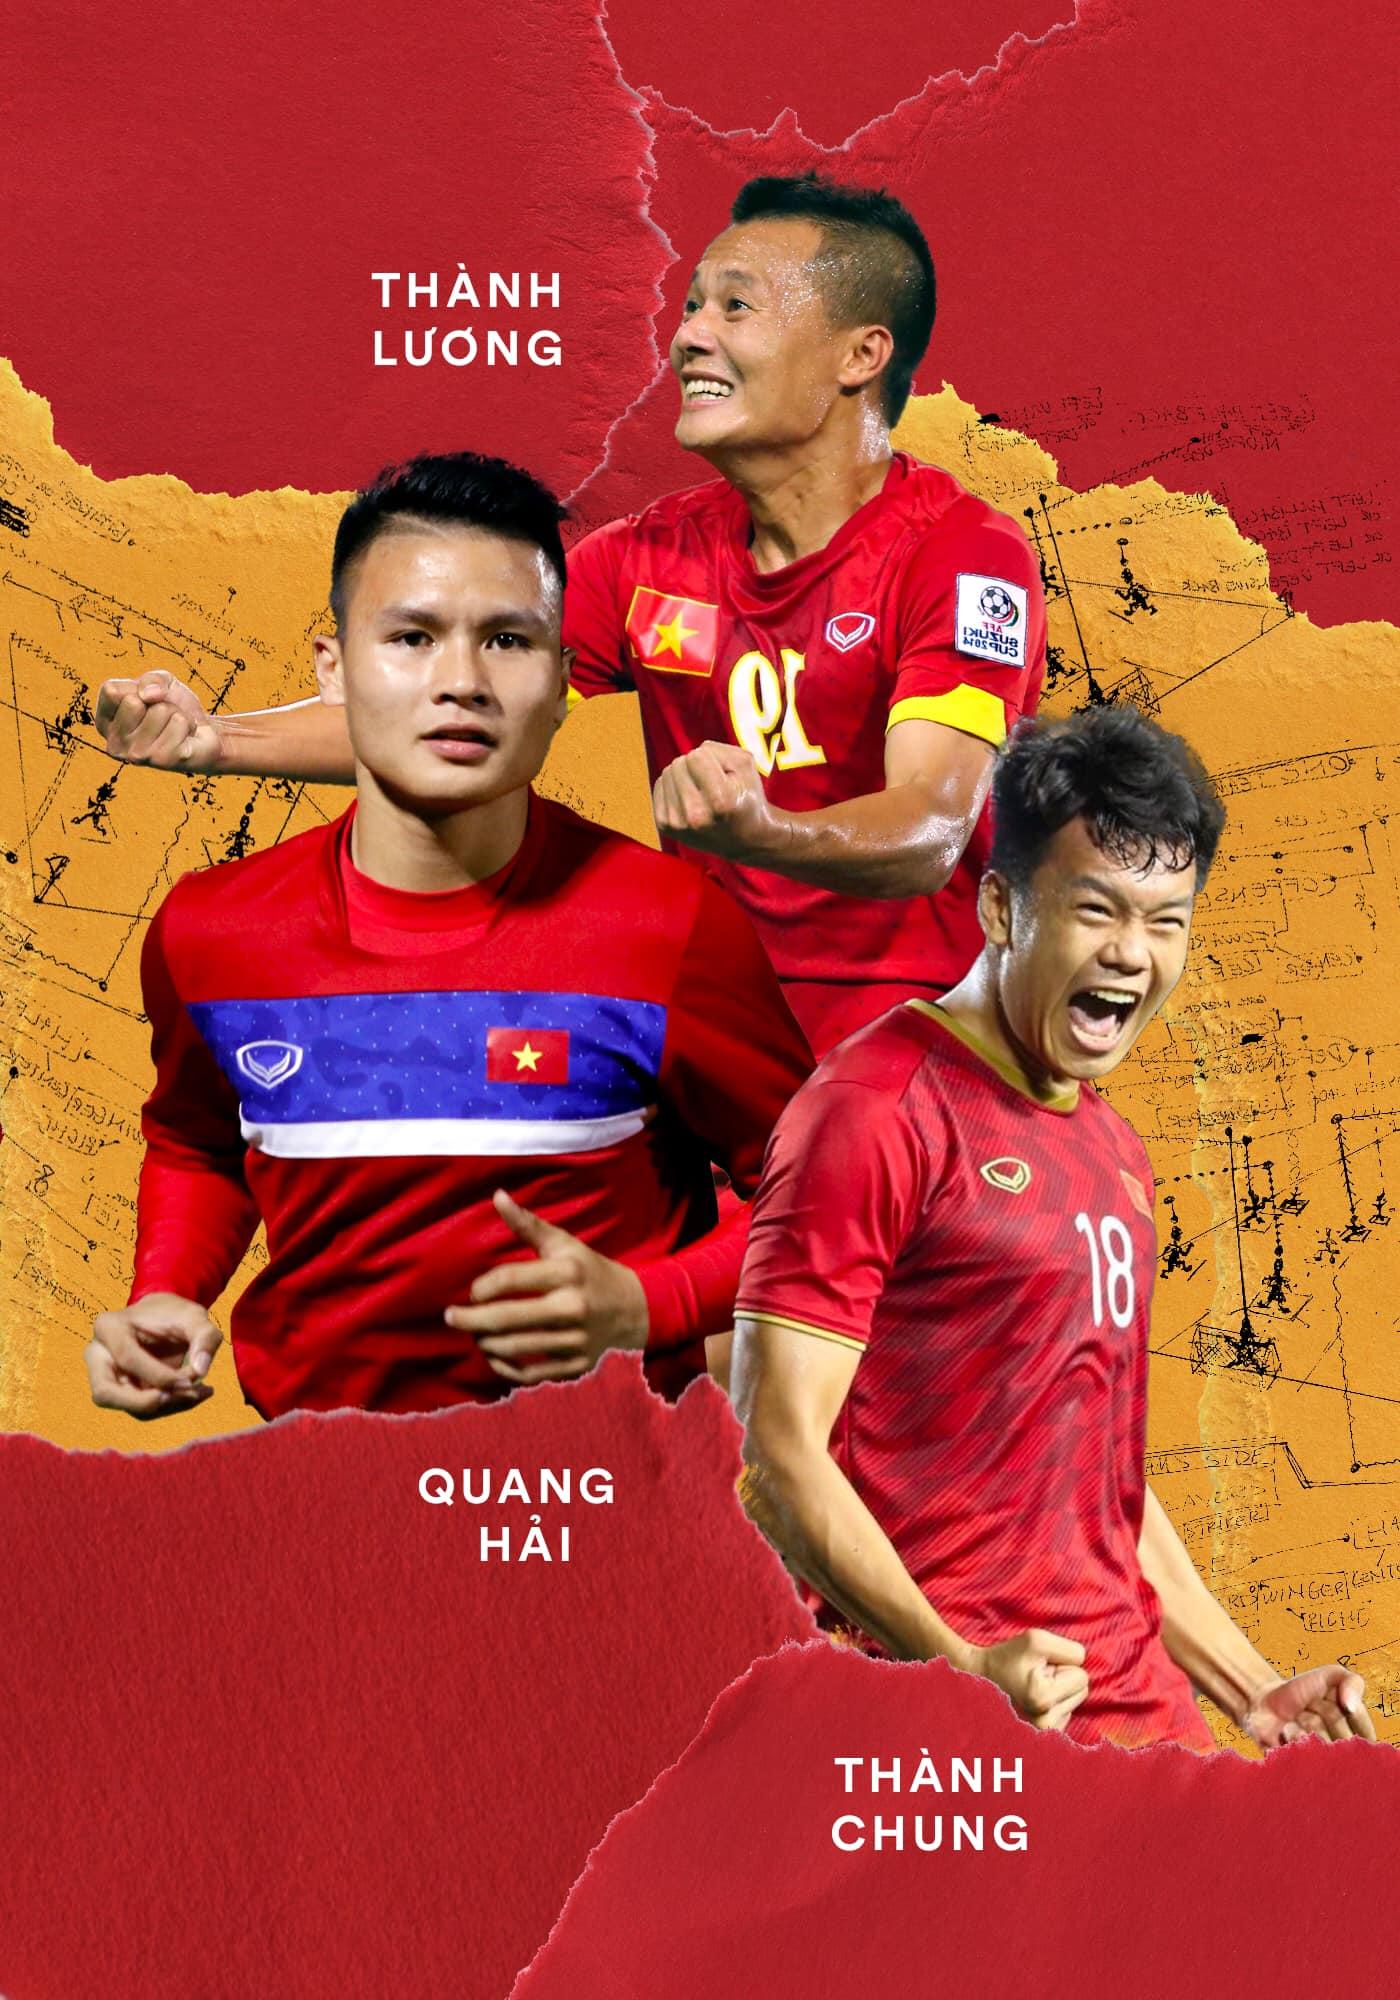 Quang Hải, Thành Chung, Thành Lương sẽ tham gia trận bóng giao hữu do Jack phát động để gây quỹ hỗ trợ miền Trung